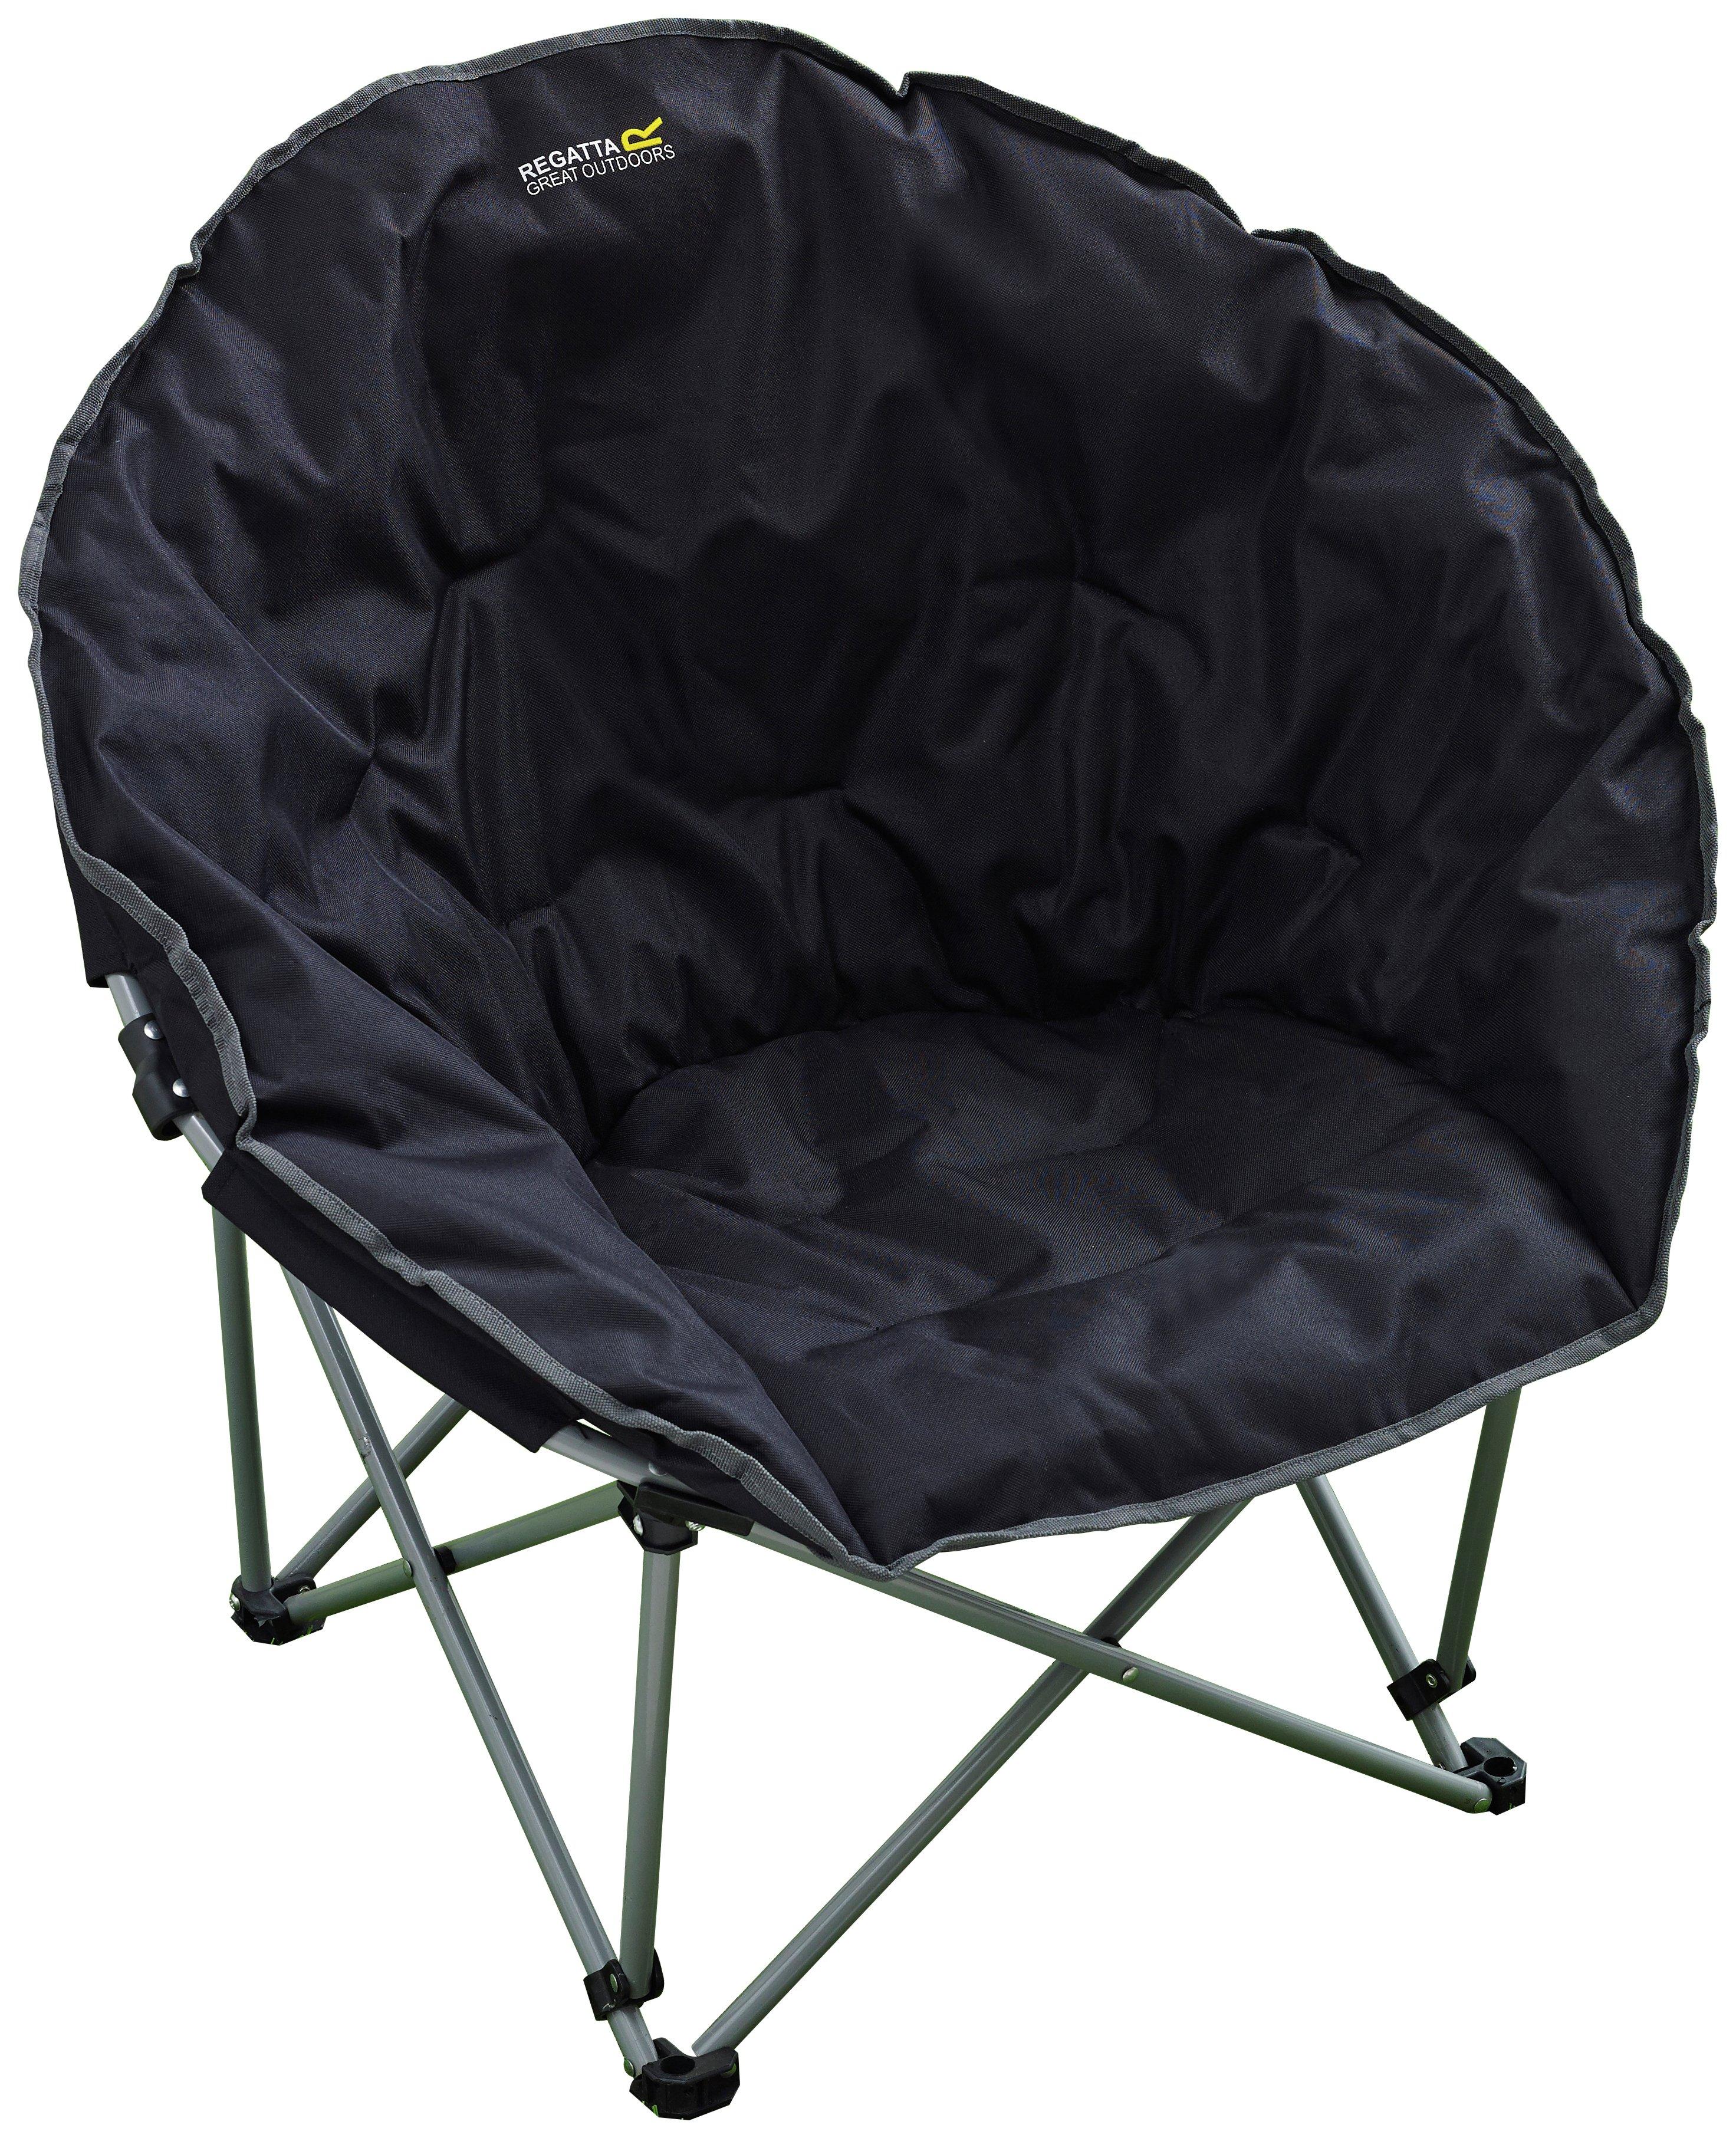 regatta-black-castillo-camping-chair